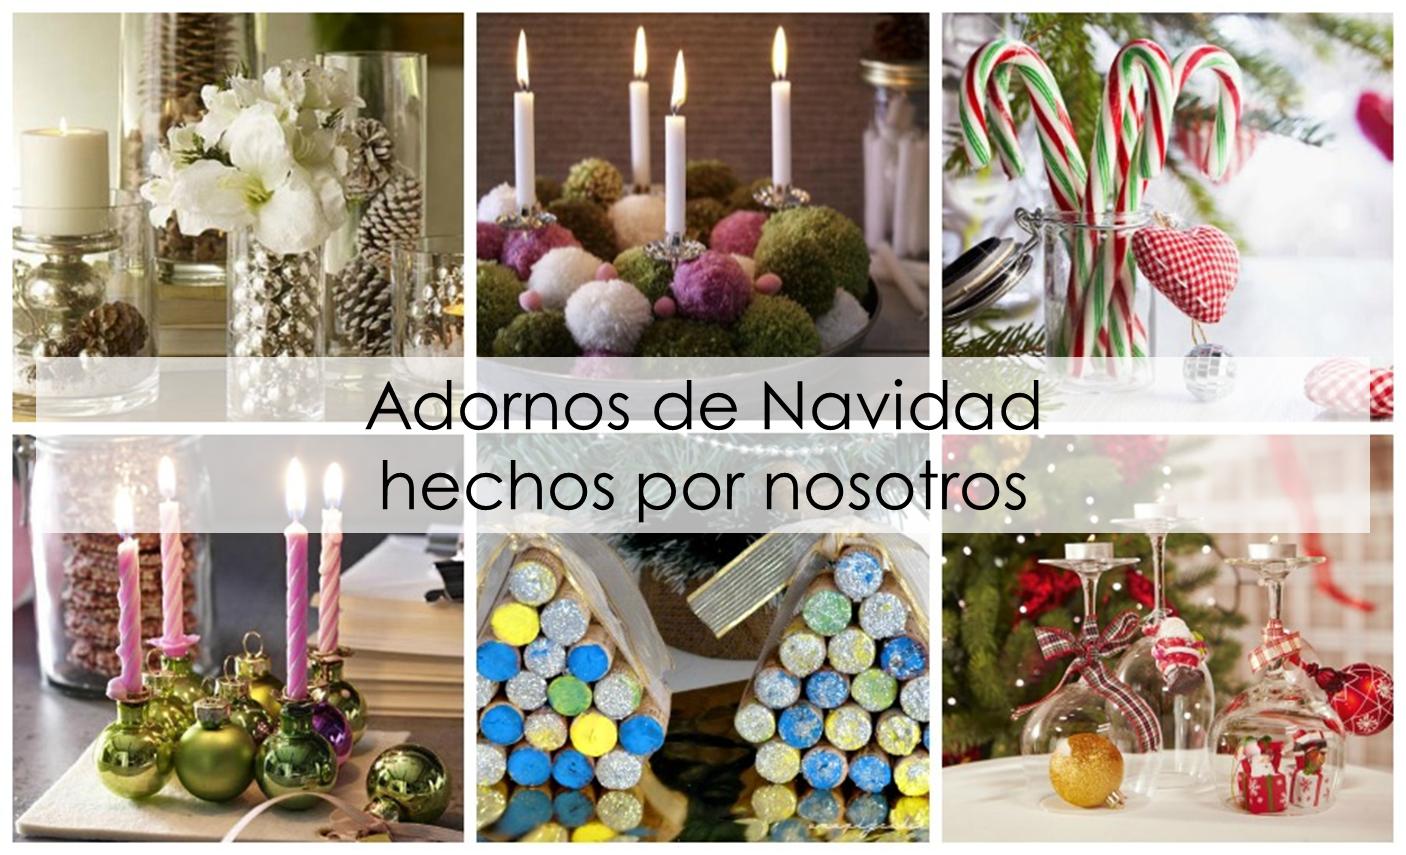 Adornos navide os hechos por nosotros - Adornos navidenos hechos en casa ...